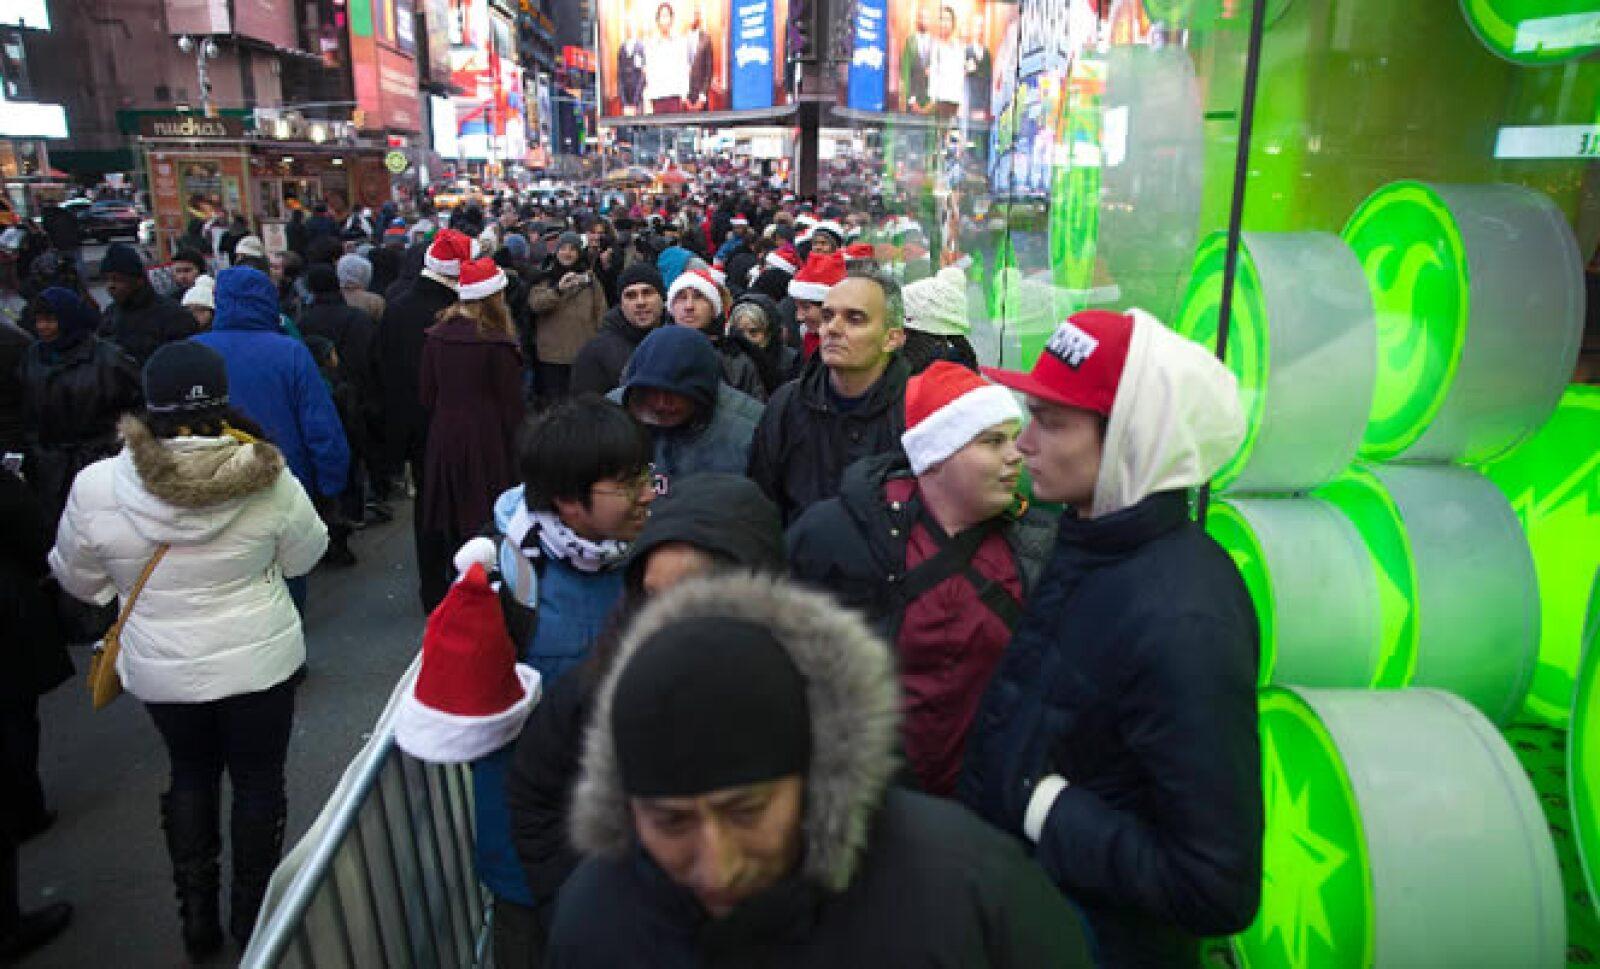 La Federación Nacional de Minoristas espera hasta 140 millones de consumidores en las tiendas estadounidenses durante este fin de semana.